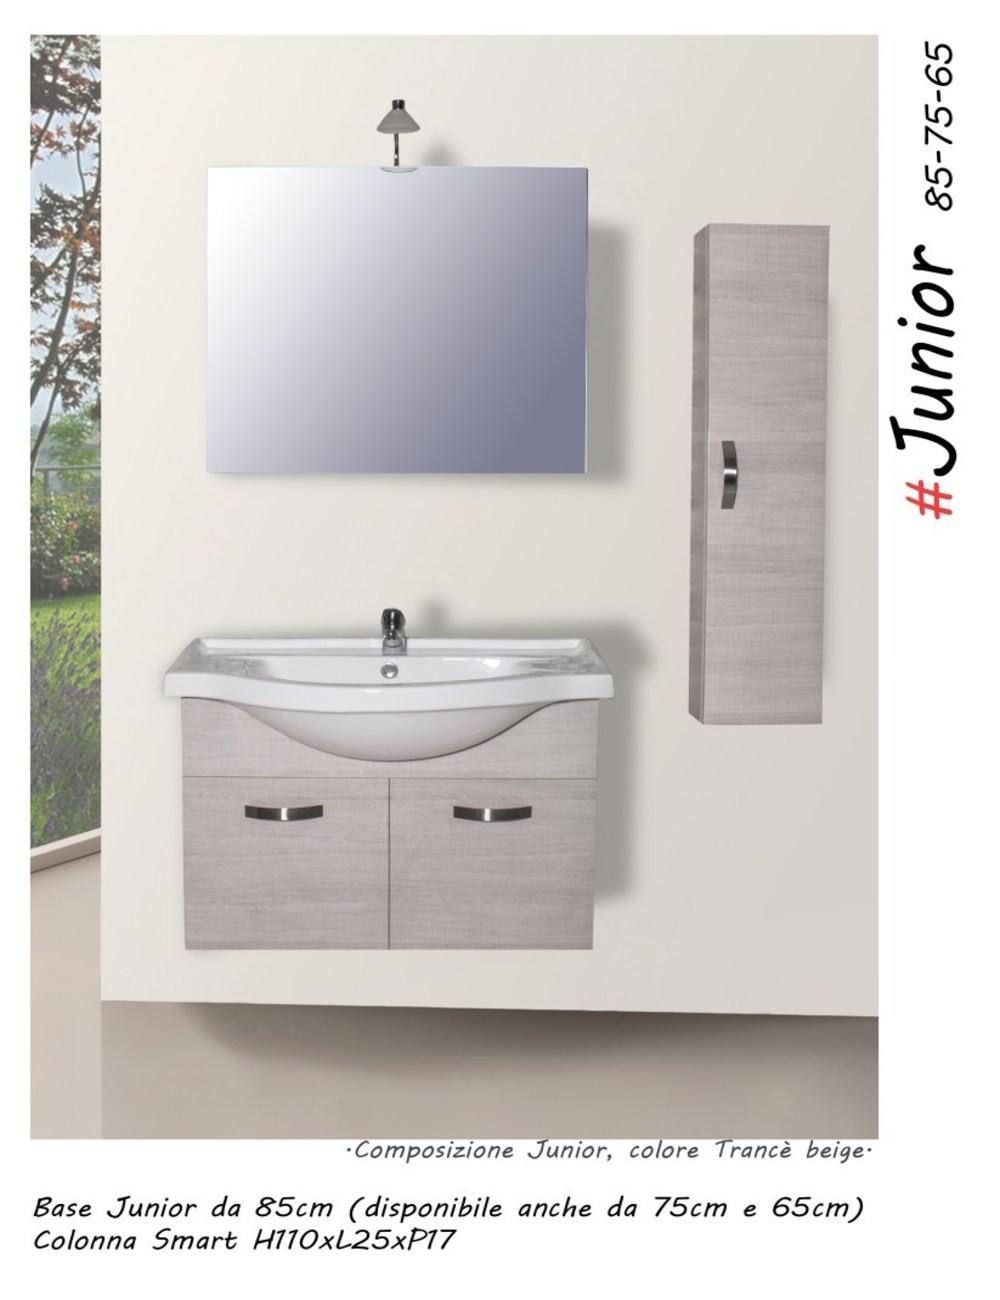 Mobile bagno junior105 centimetri nobilitato laminato disponibile colore mobile rovere grigio - Mobile bagno laminato ...